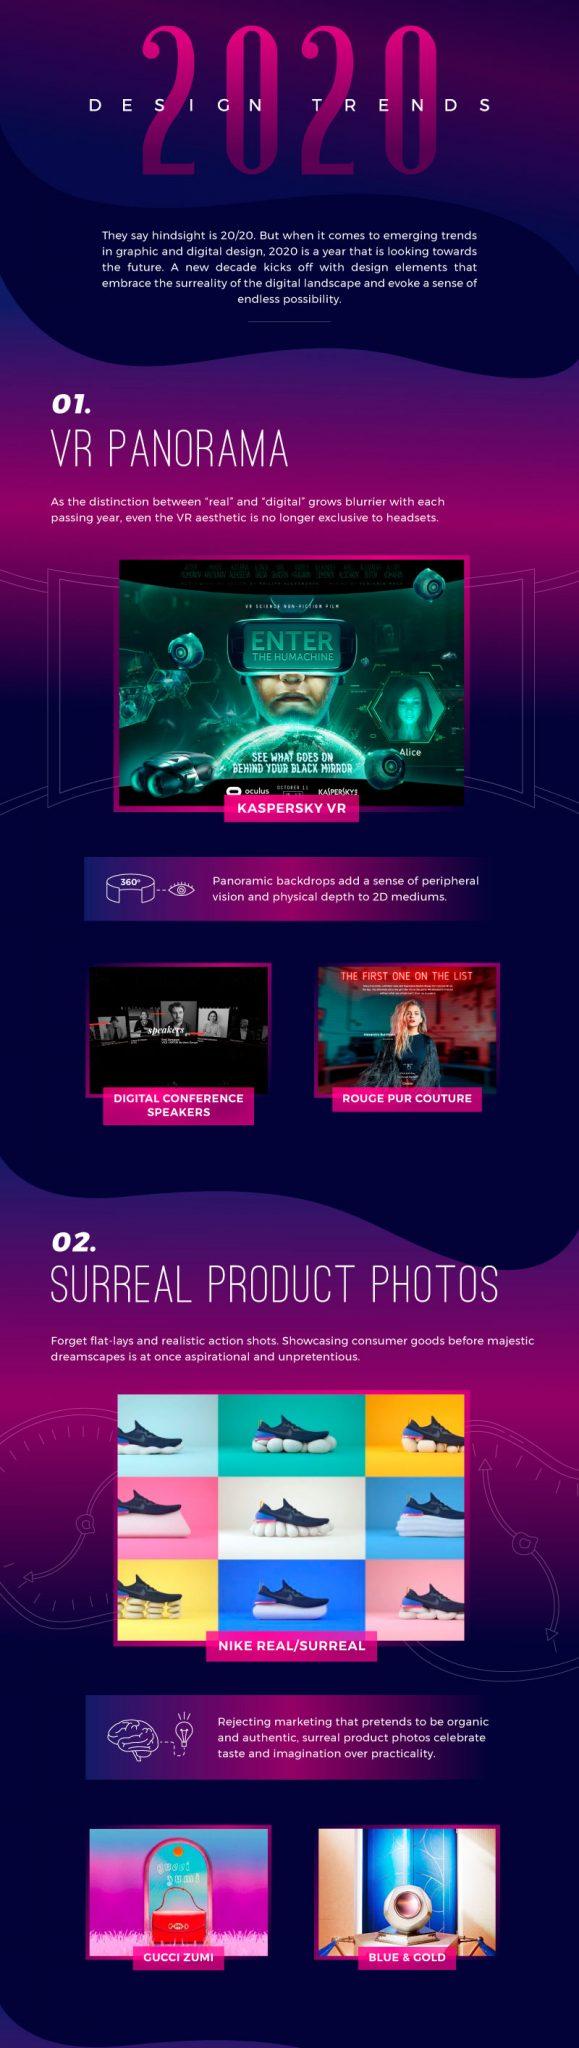 diseño digital y gráfico, Tendencia de diseño 2020